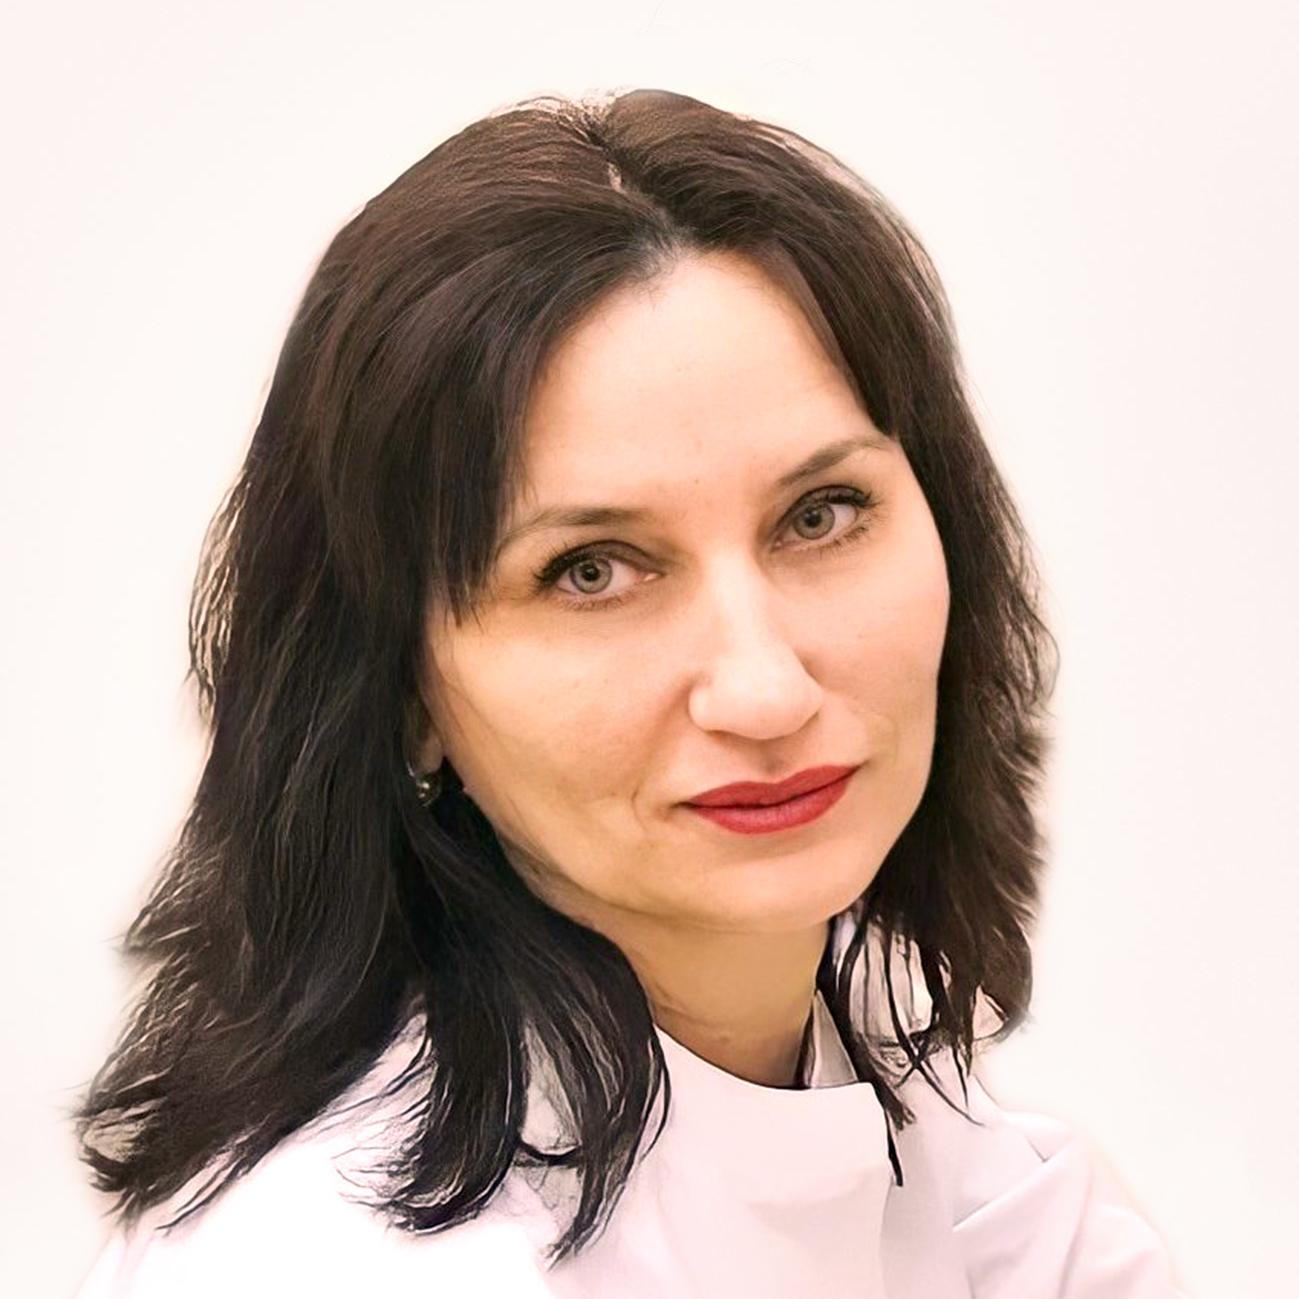 Круподра <br> Ирина Леонидовна